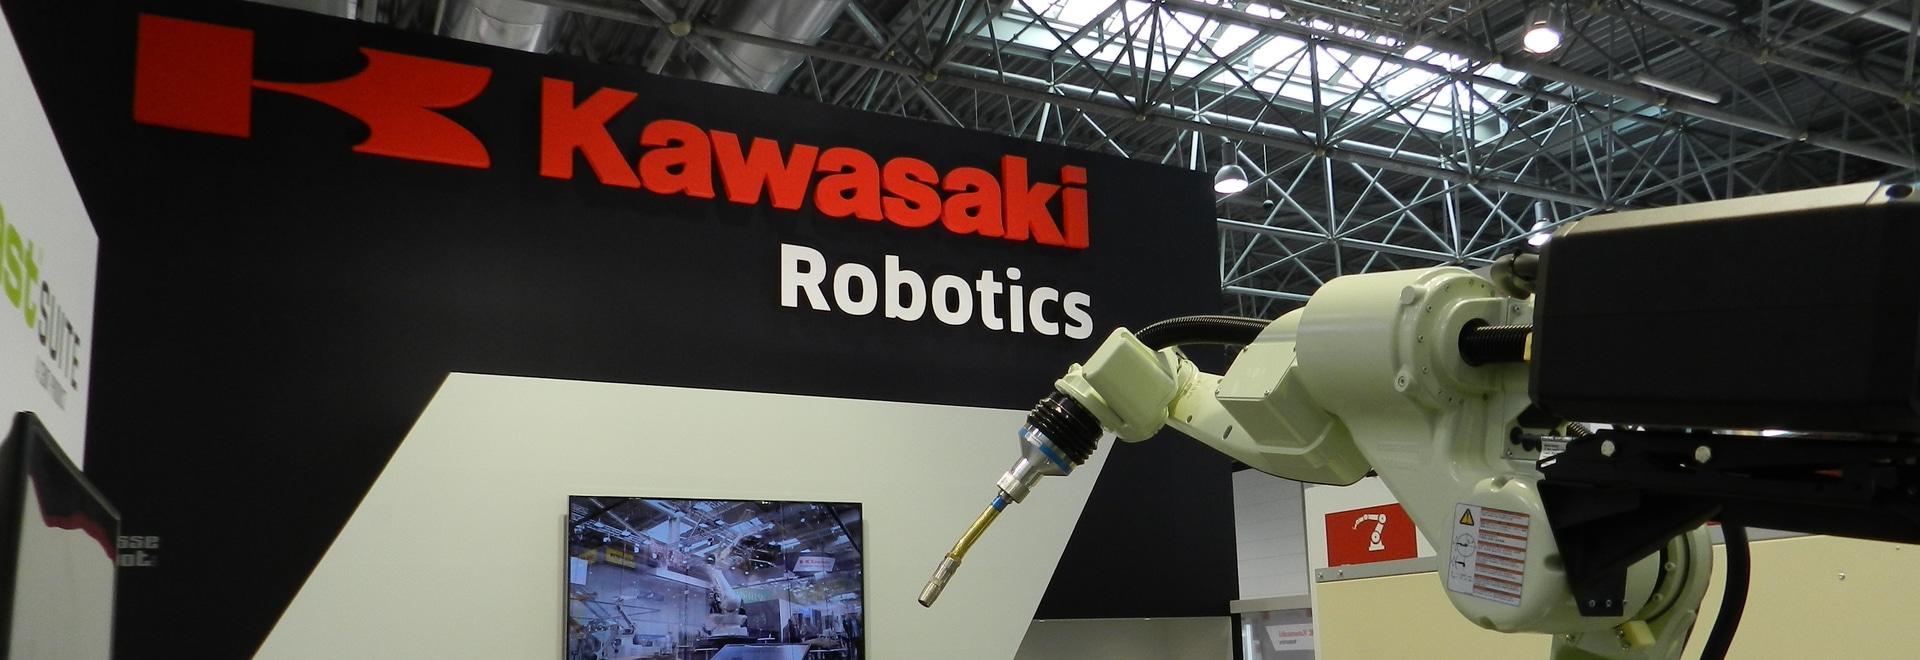 Kawasaki Arc Welding Robot BA006L chez Schweißen et Schneiden 2017